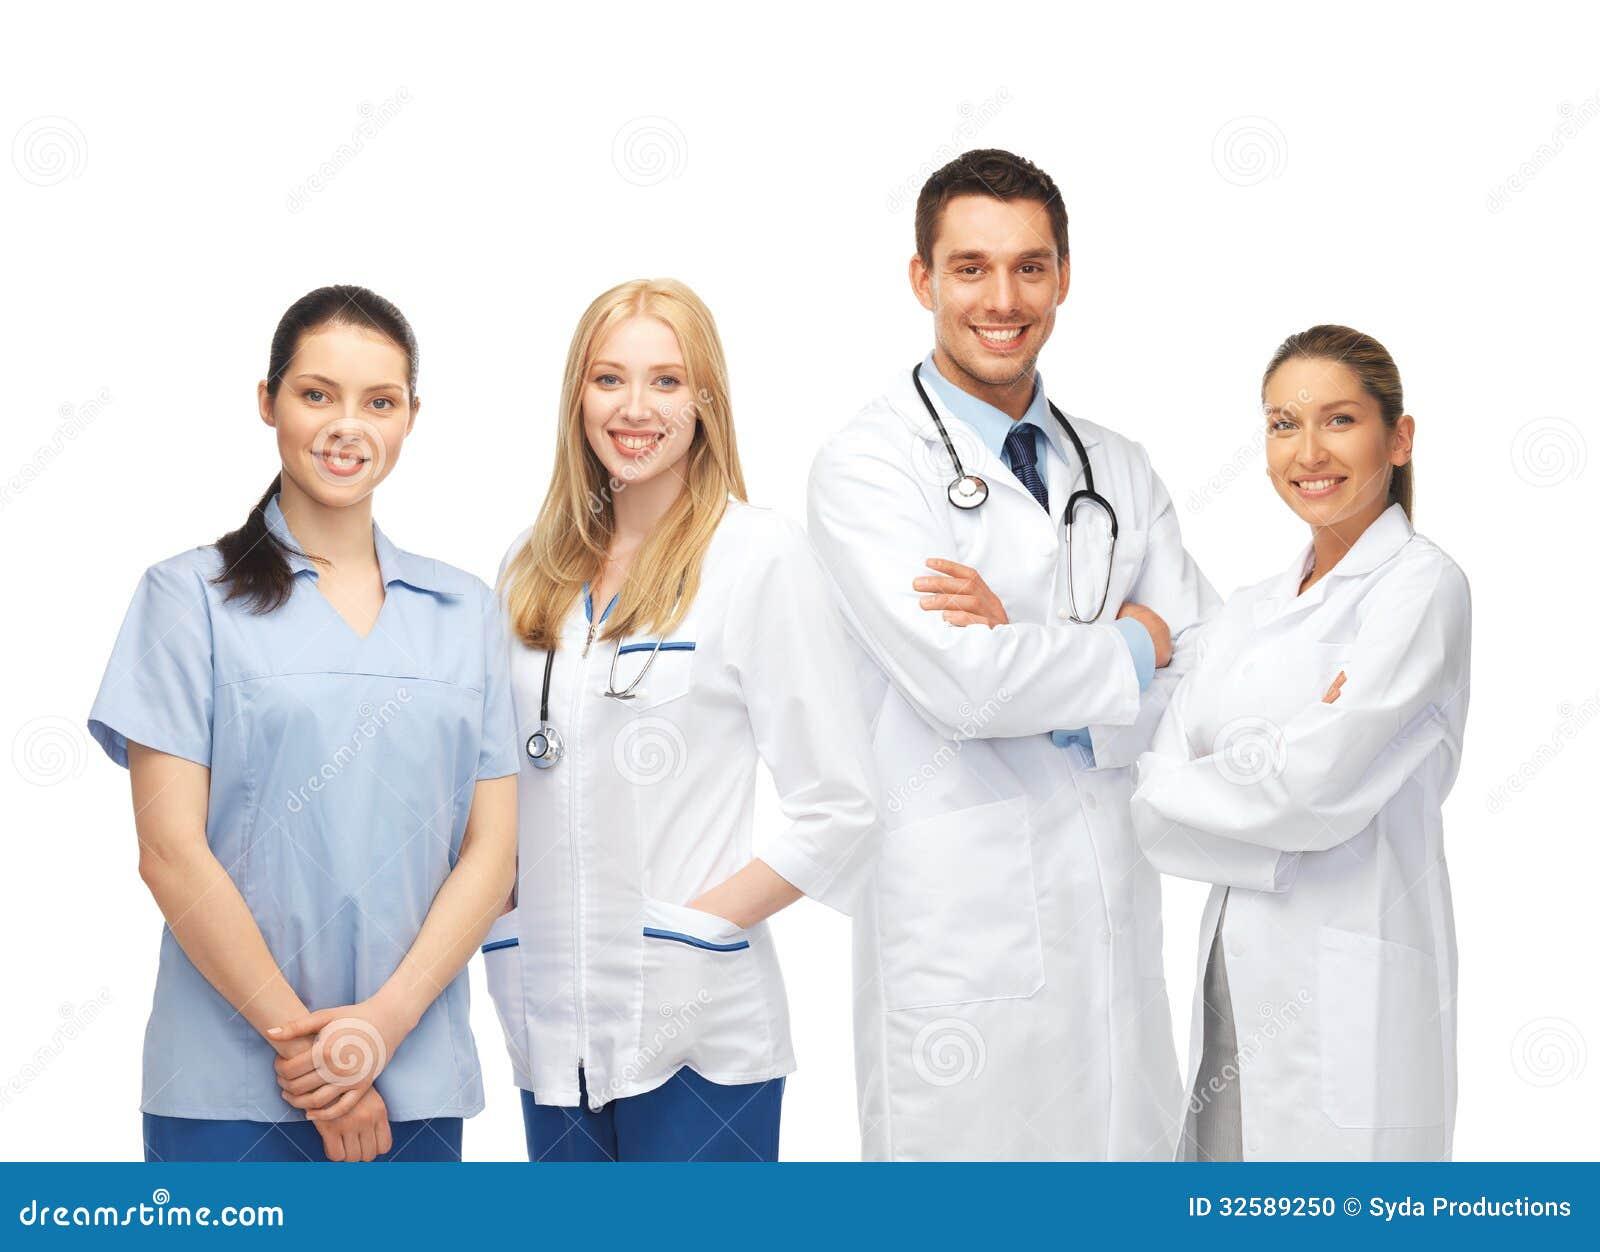 equipo de los jóvenes o grupo de doctores foto de archivo - imagen